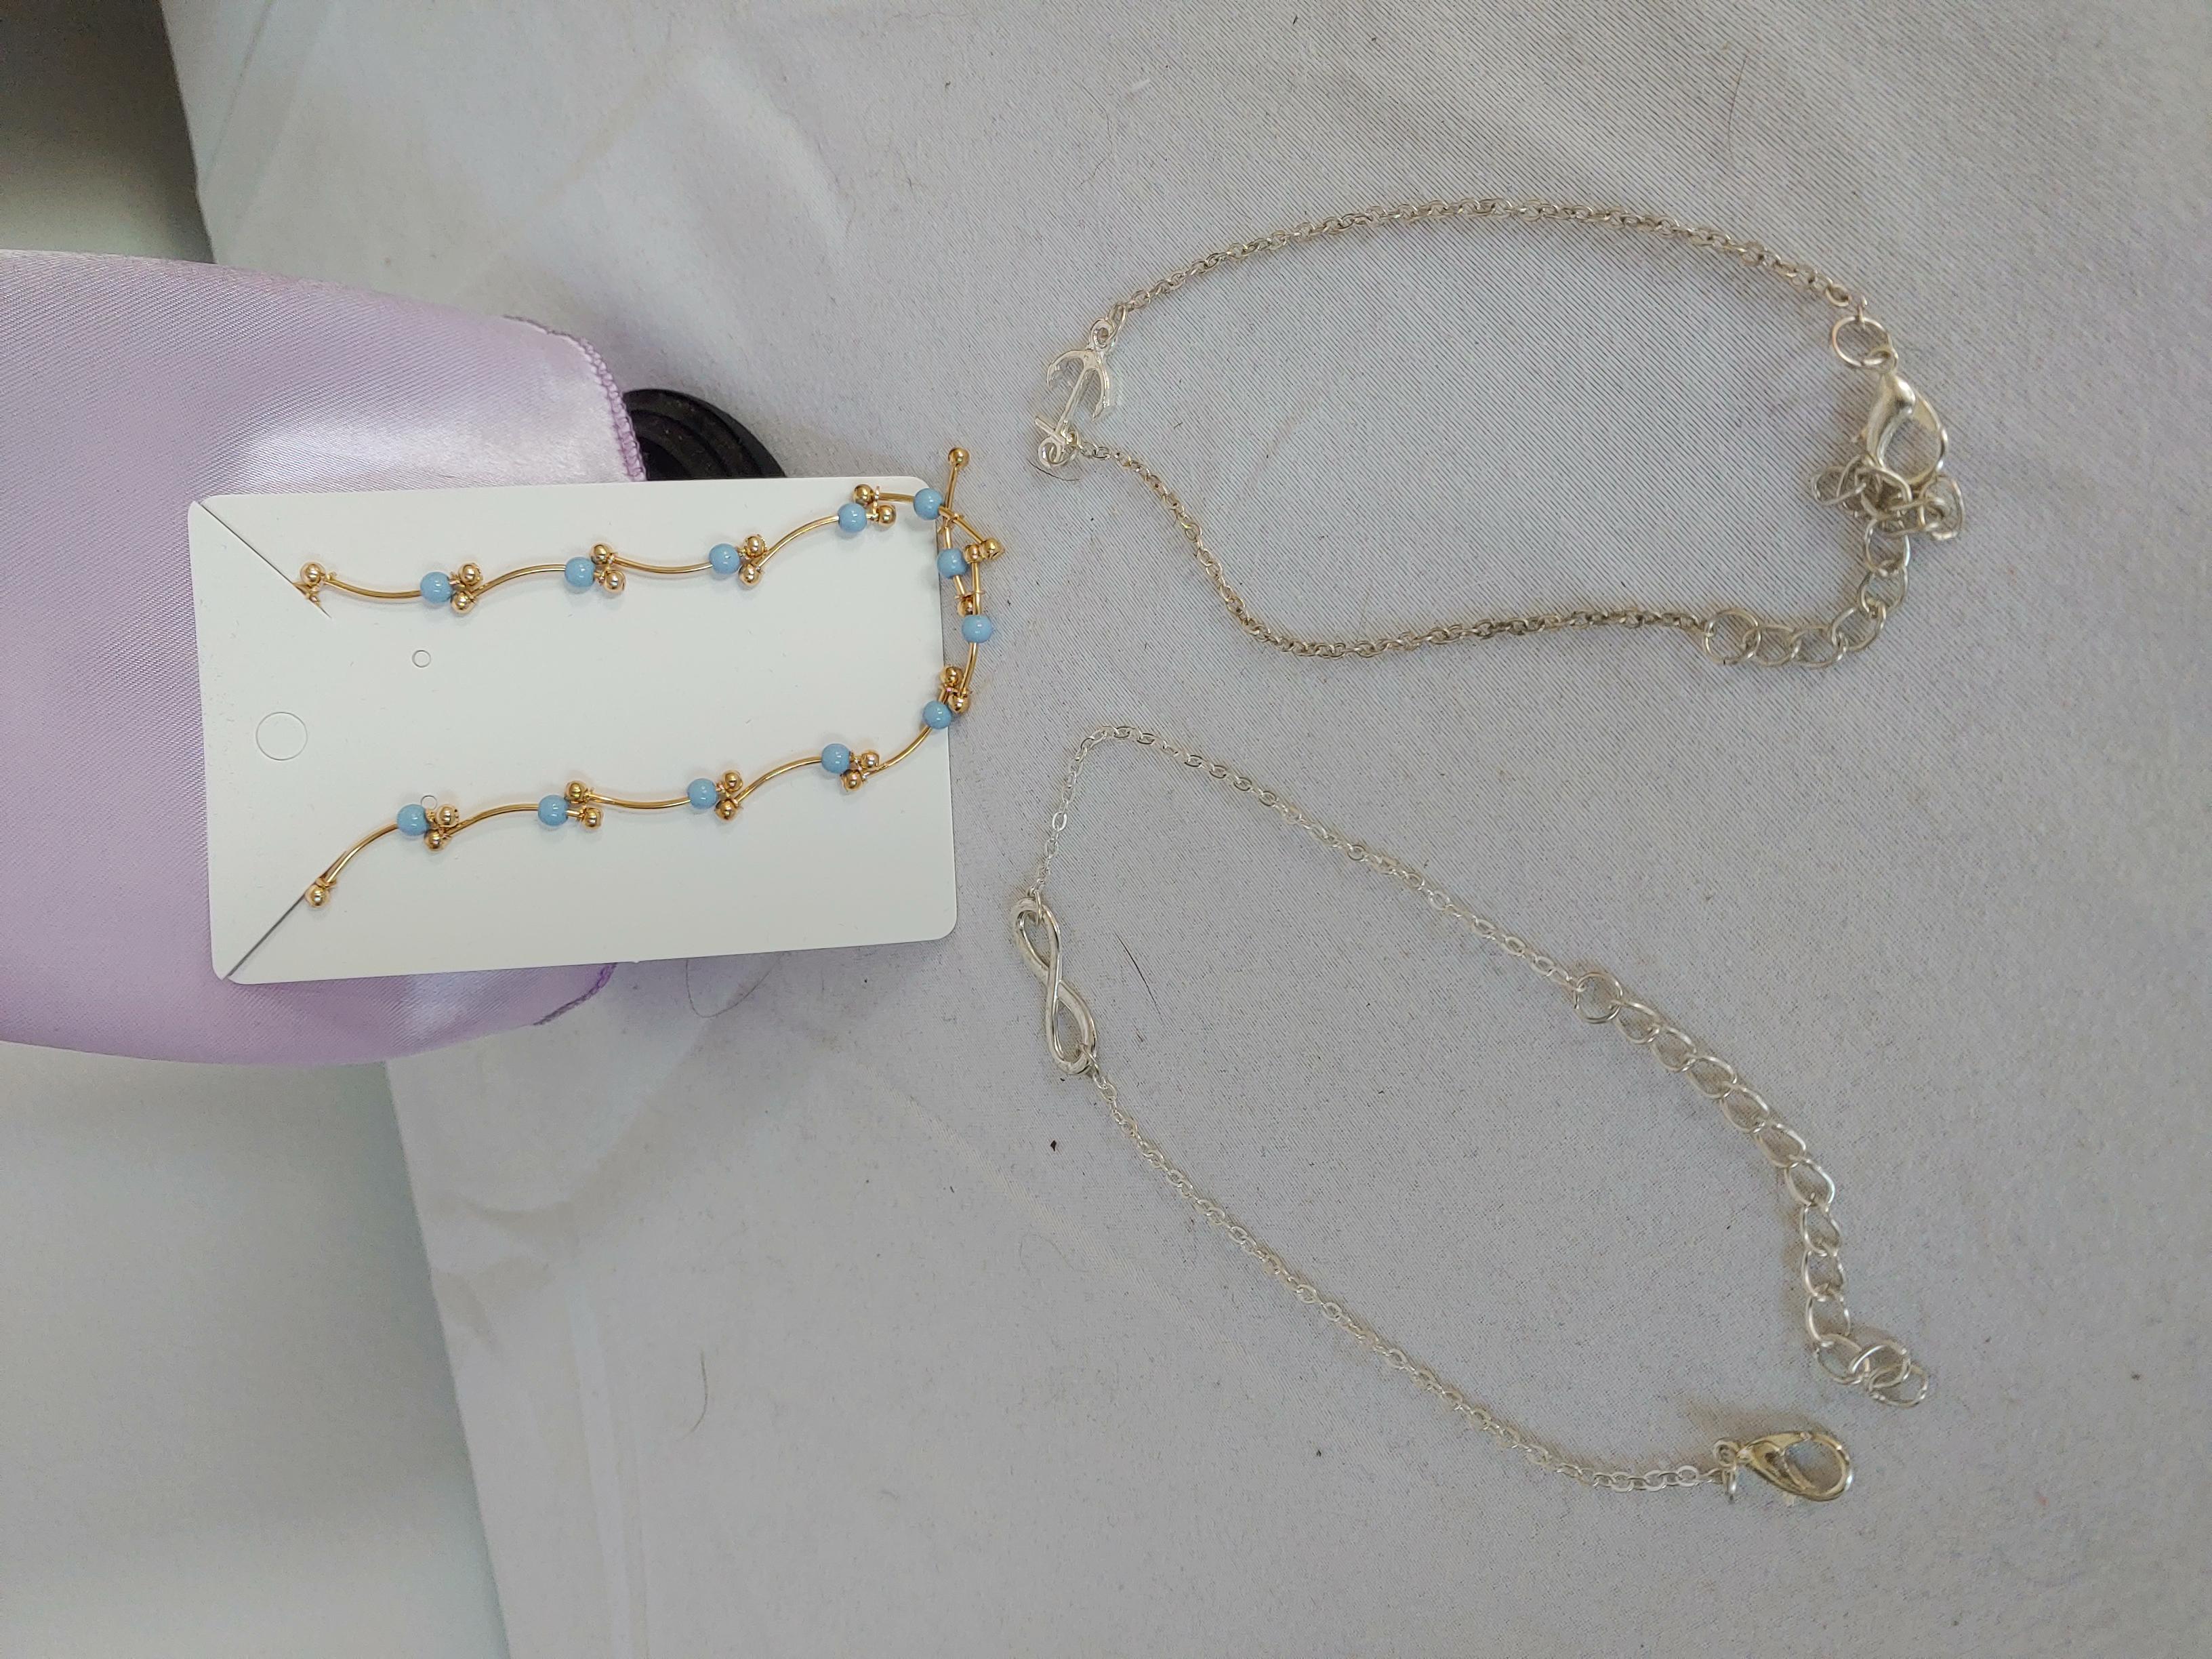 3 ankle bracelets